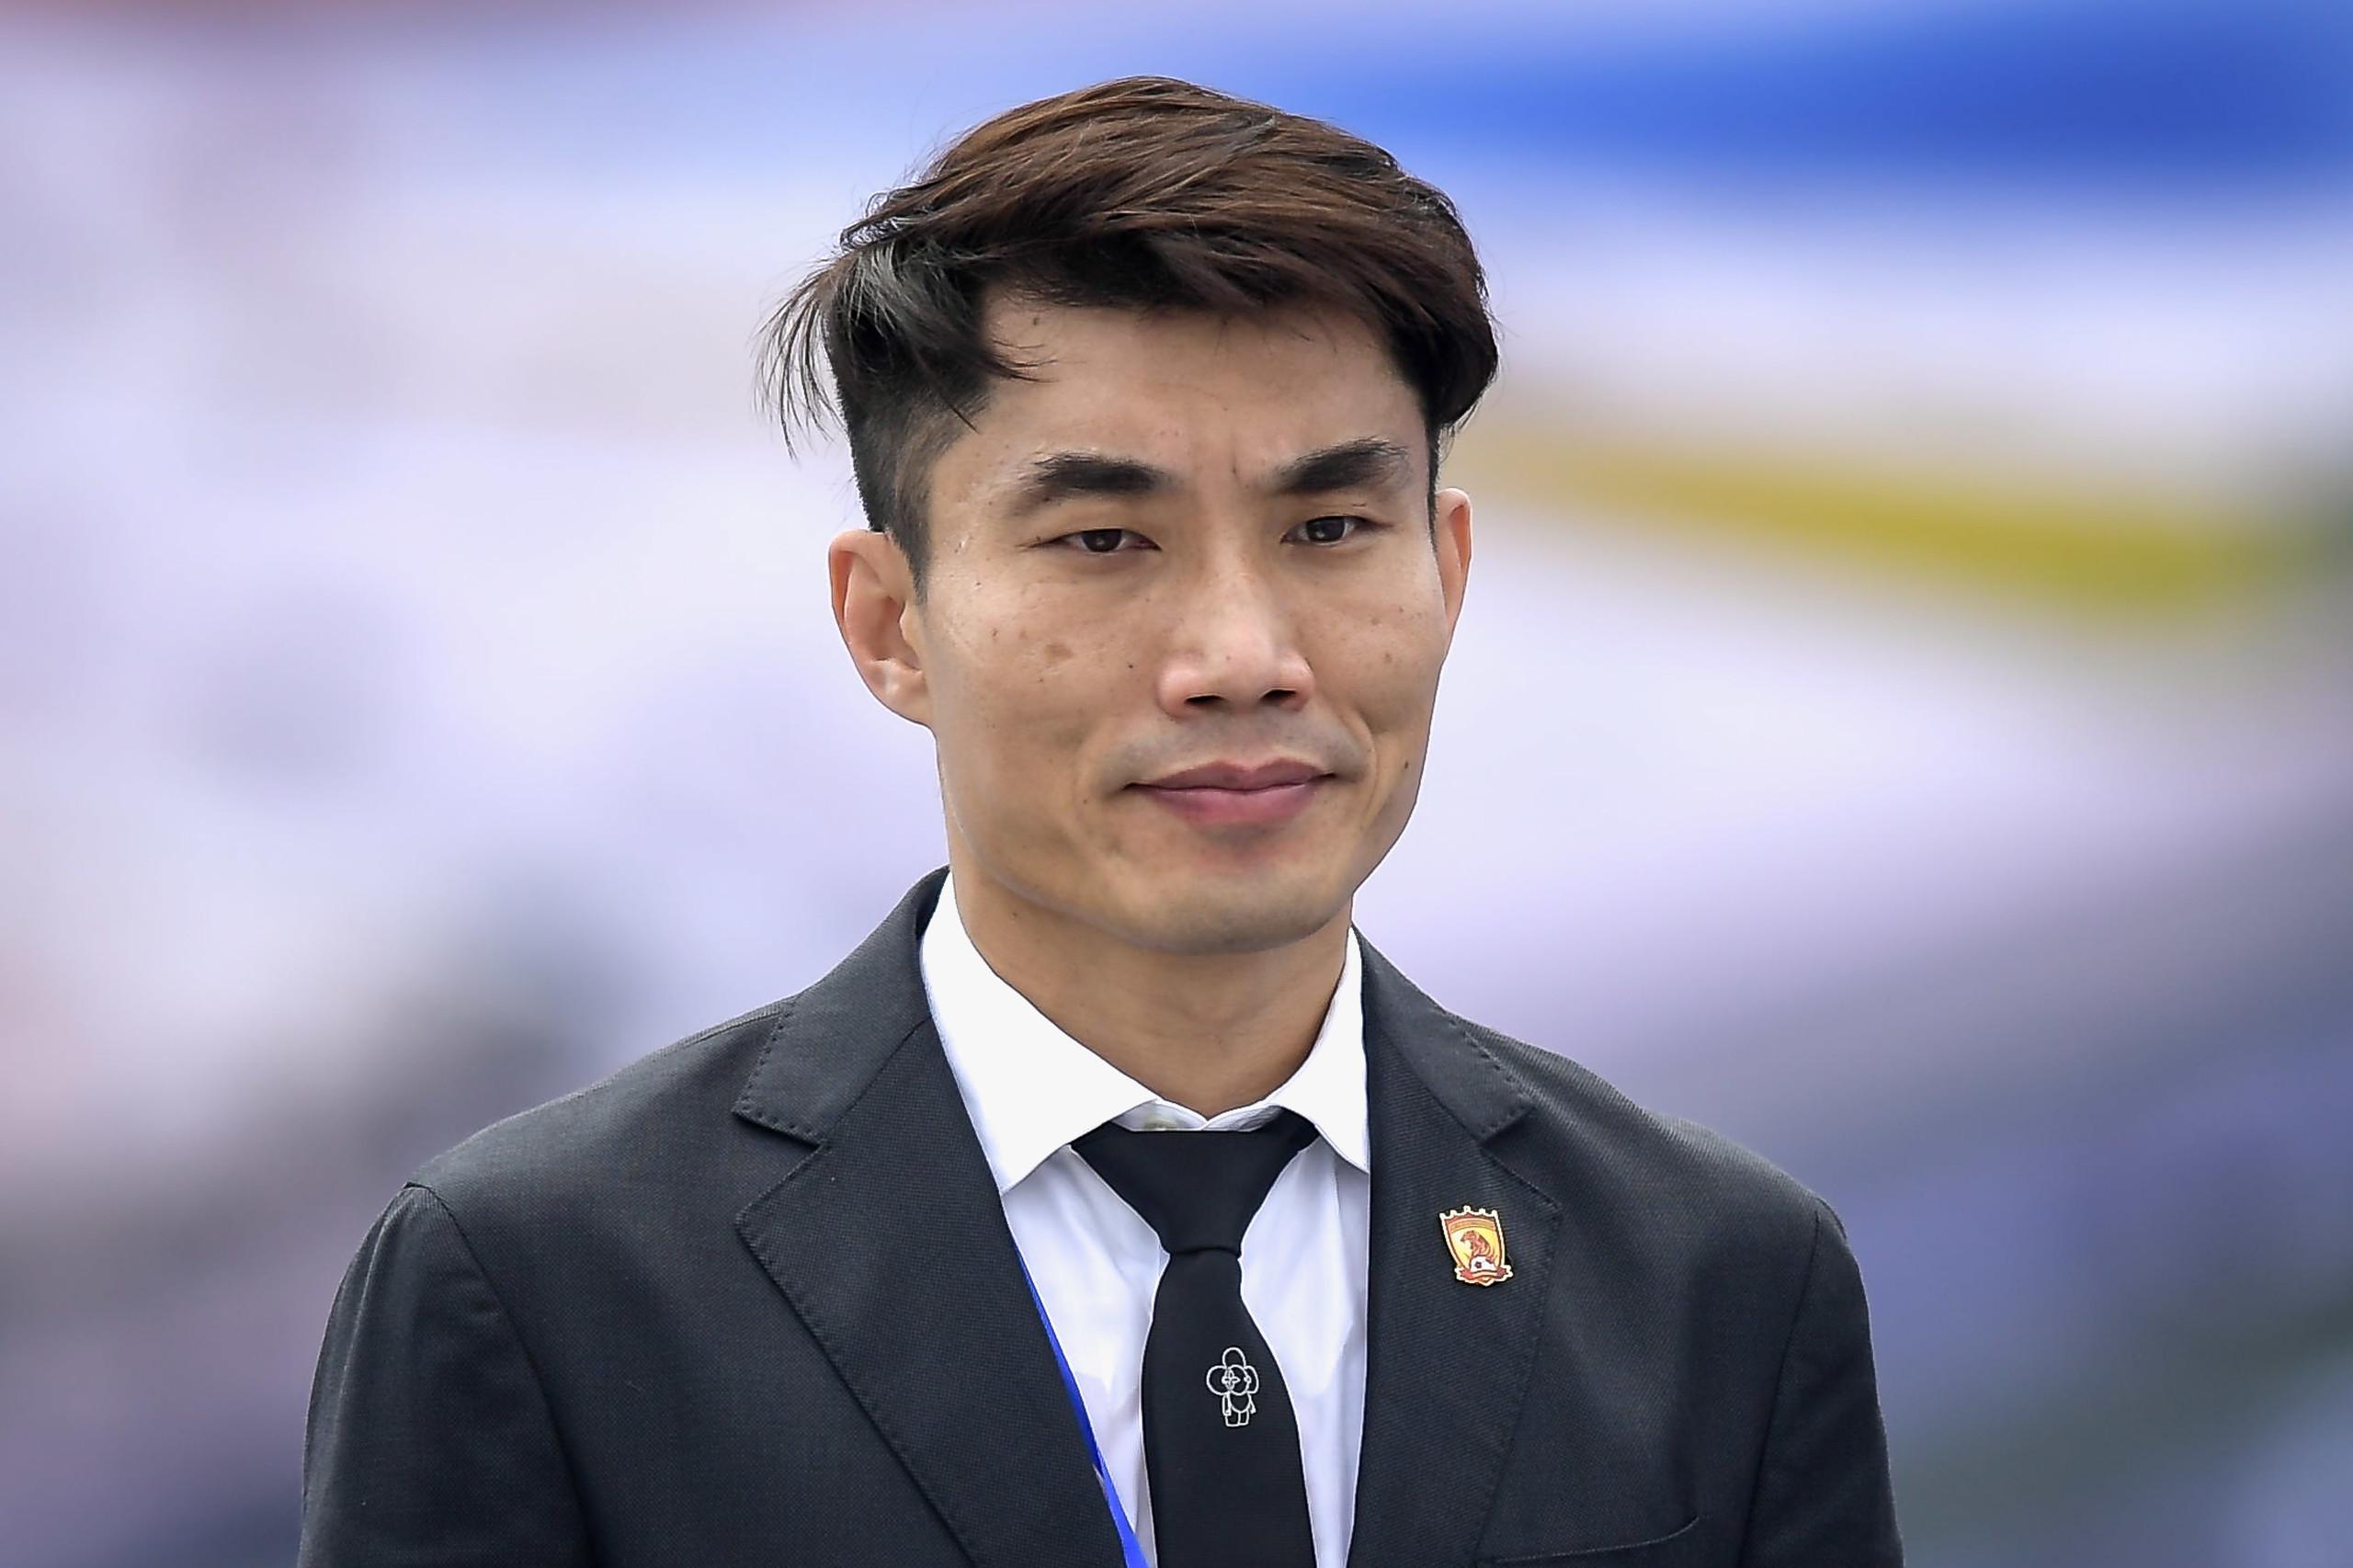 西北望看台:郑智有可能成为恒大新任主帅